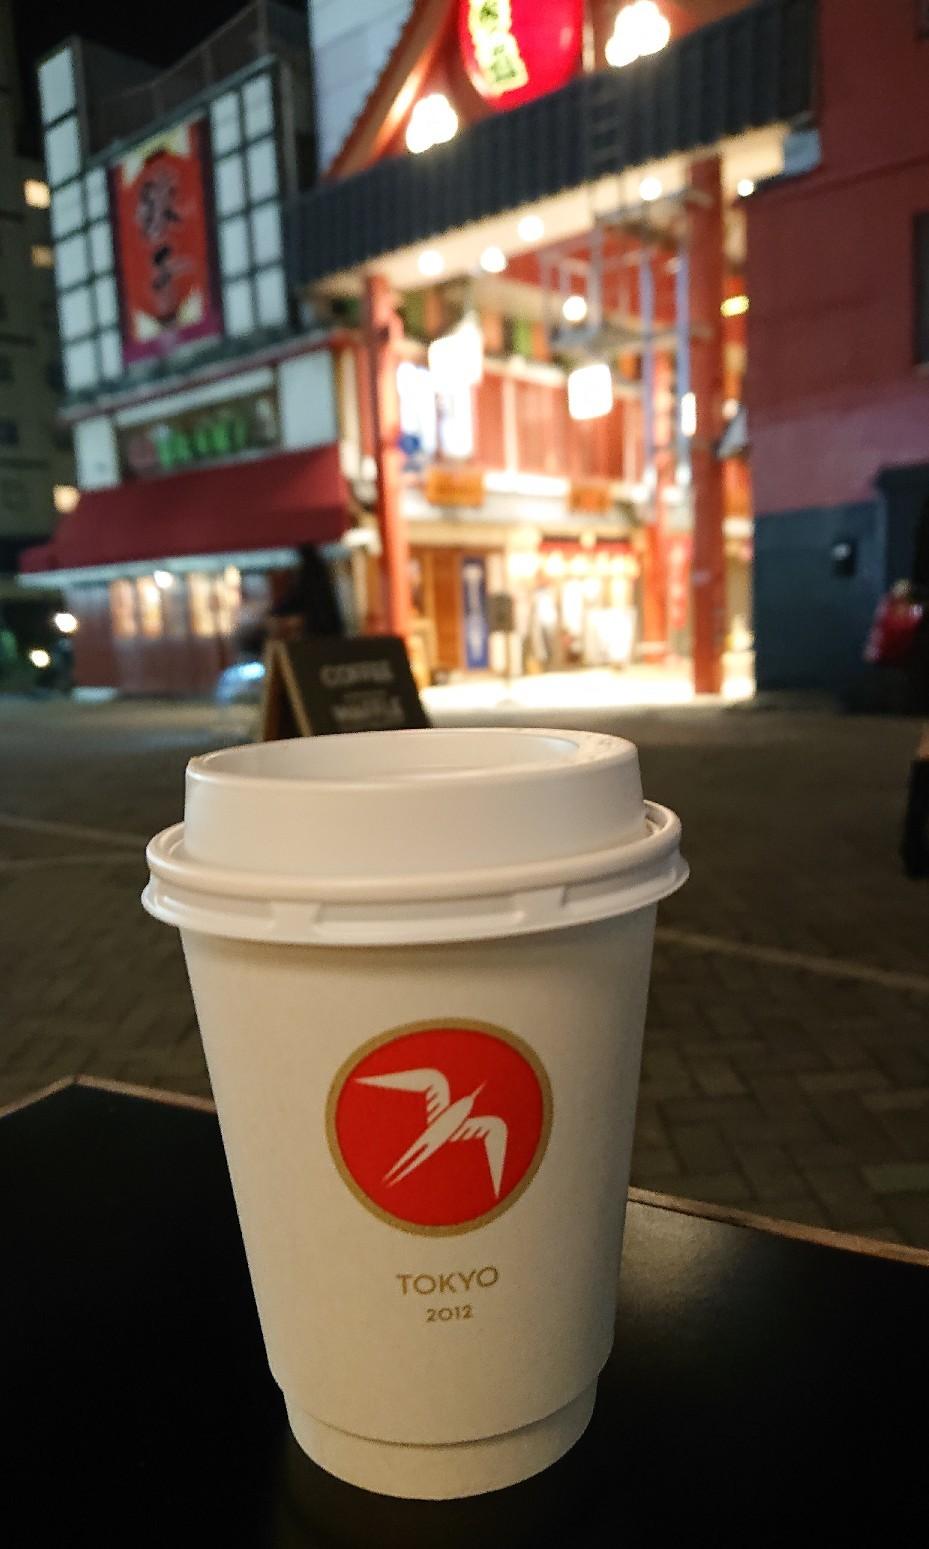 浅草で北欧コーヒー_a0098948_18323873.jpg